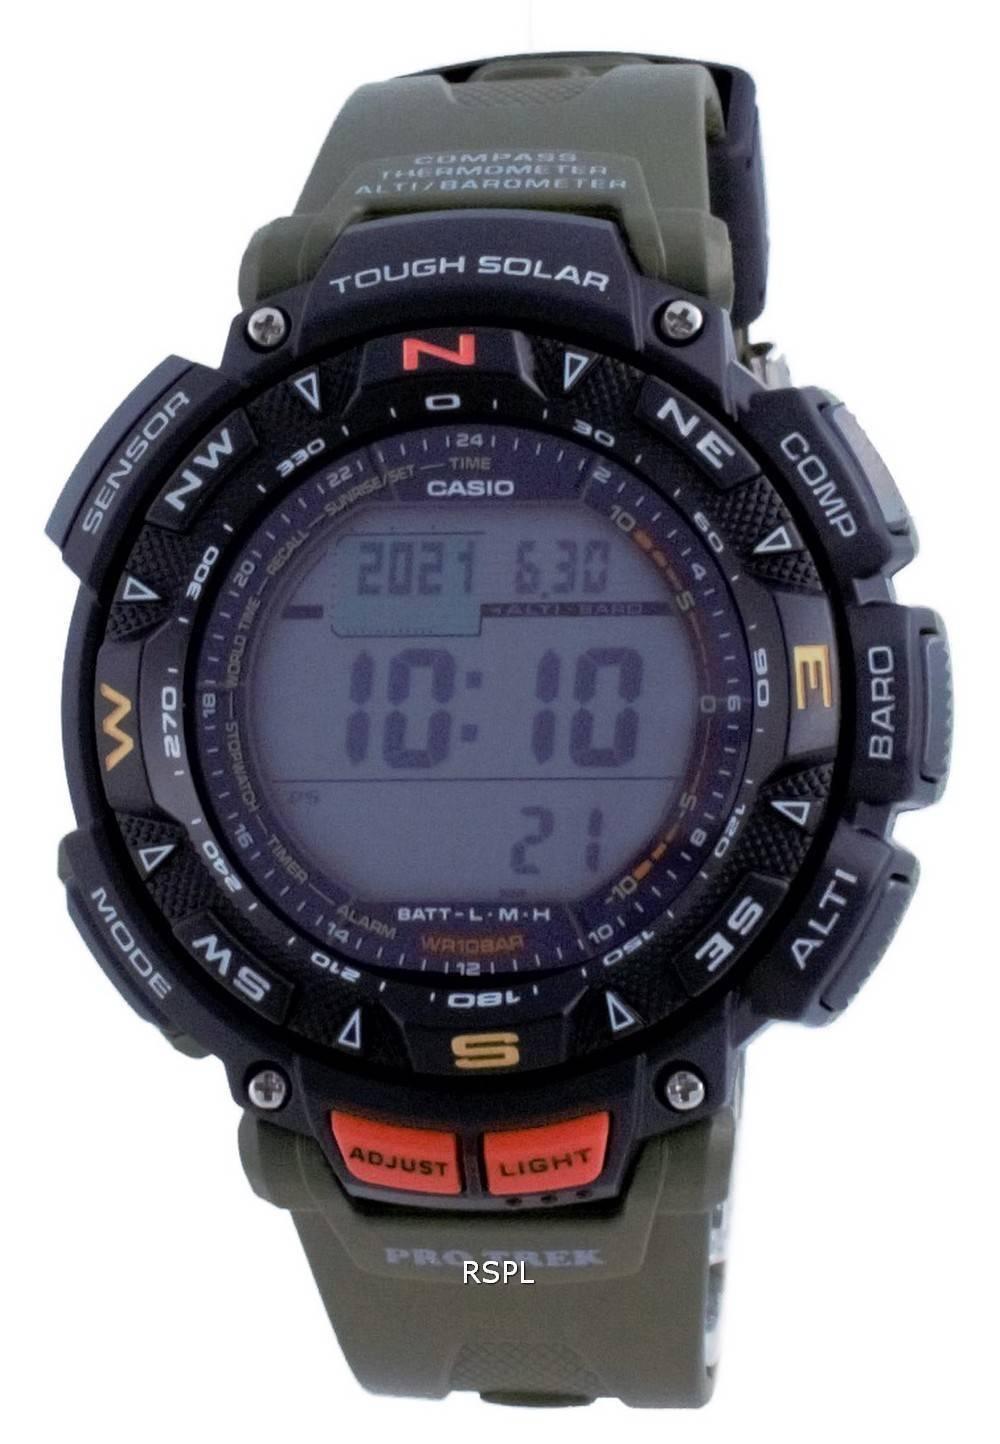 Casio Protrek kova aurinkoinen digitaalikompassi PRG-240-3 PRG240-3 100M miesten kello